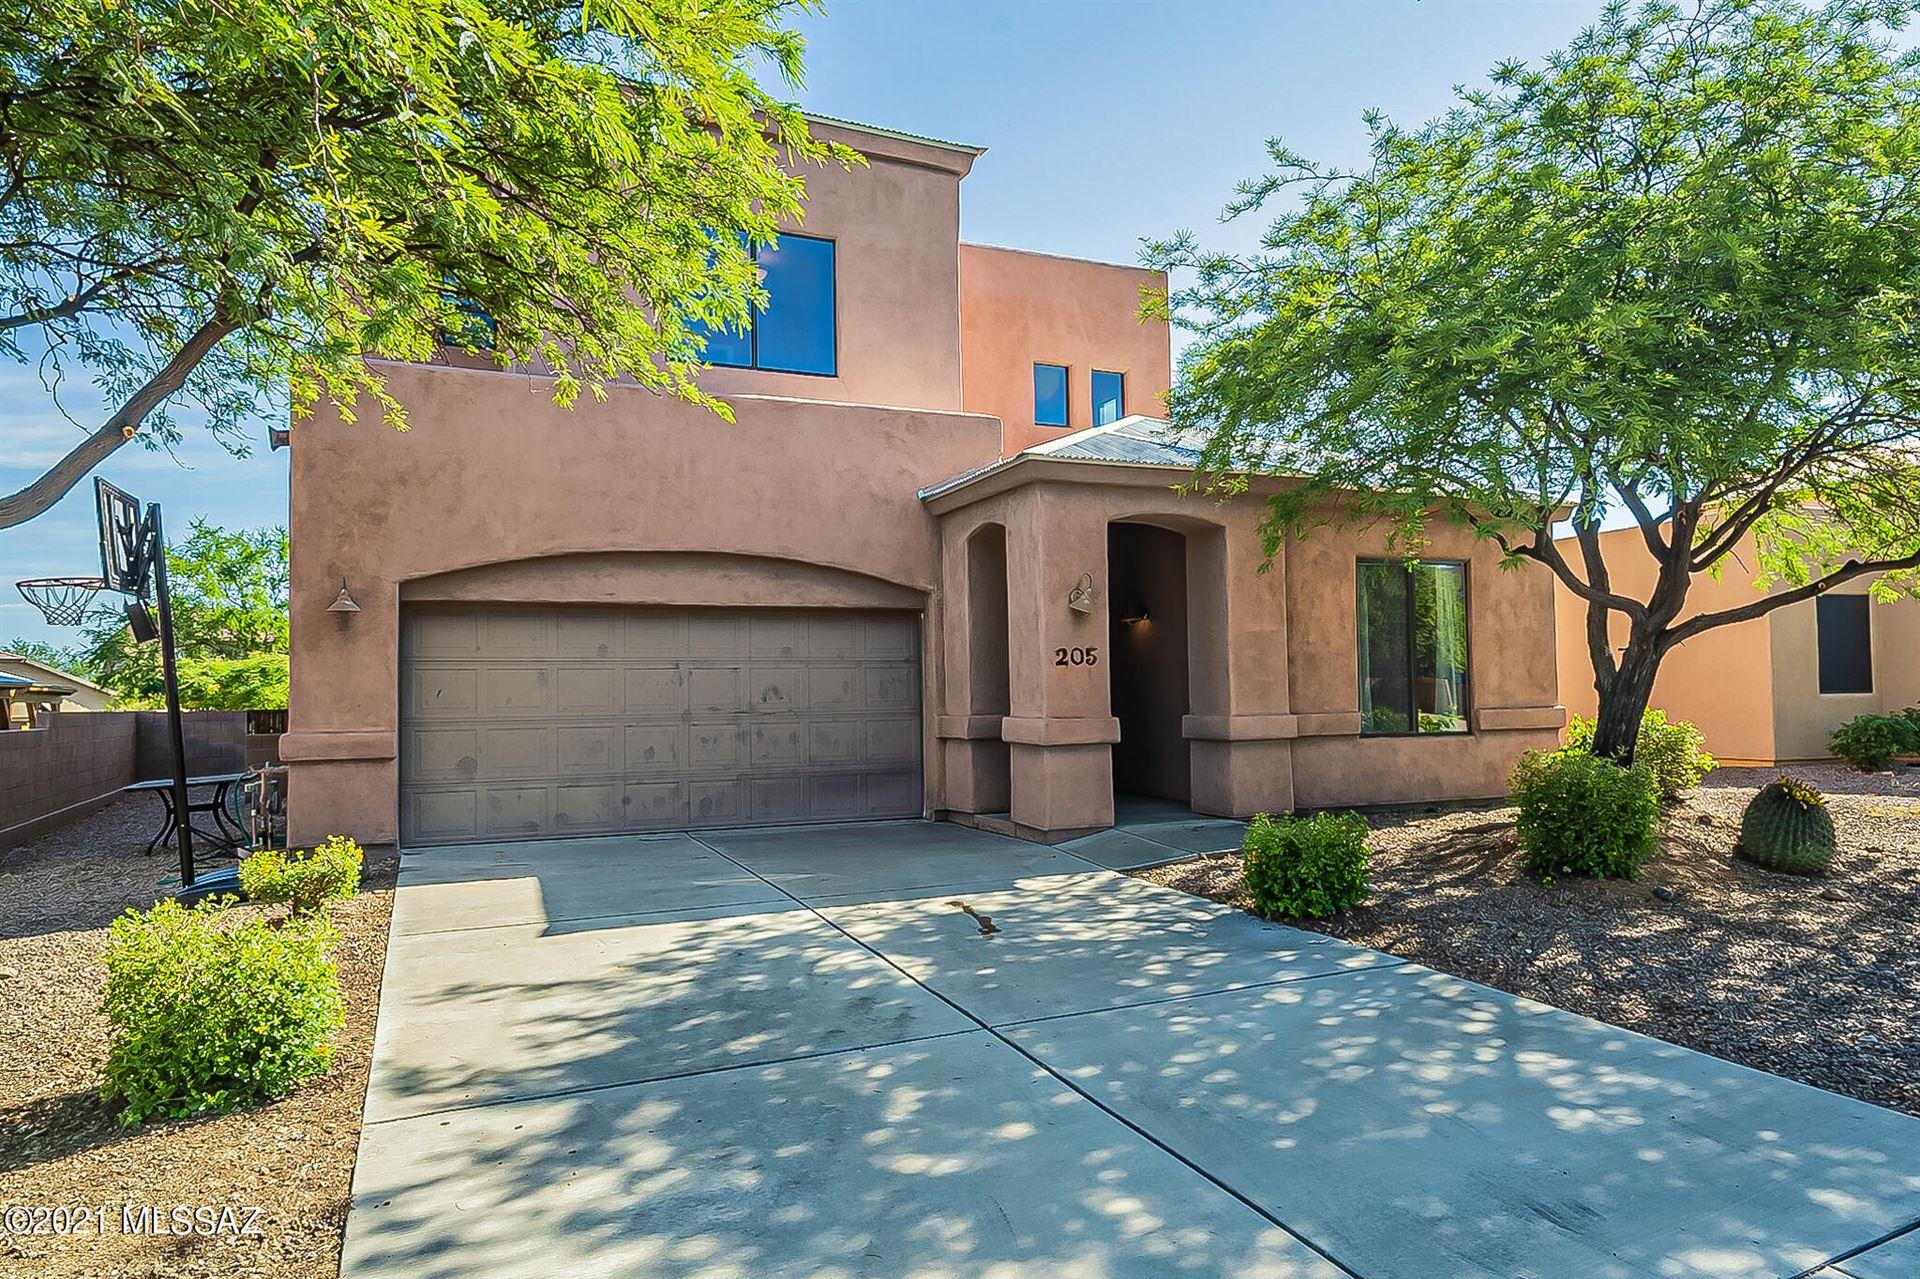 205 E Forrest Feezor Street, Vail, AZ 85641 - MLS#: 22123288